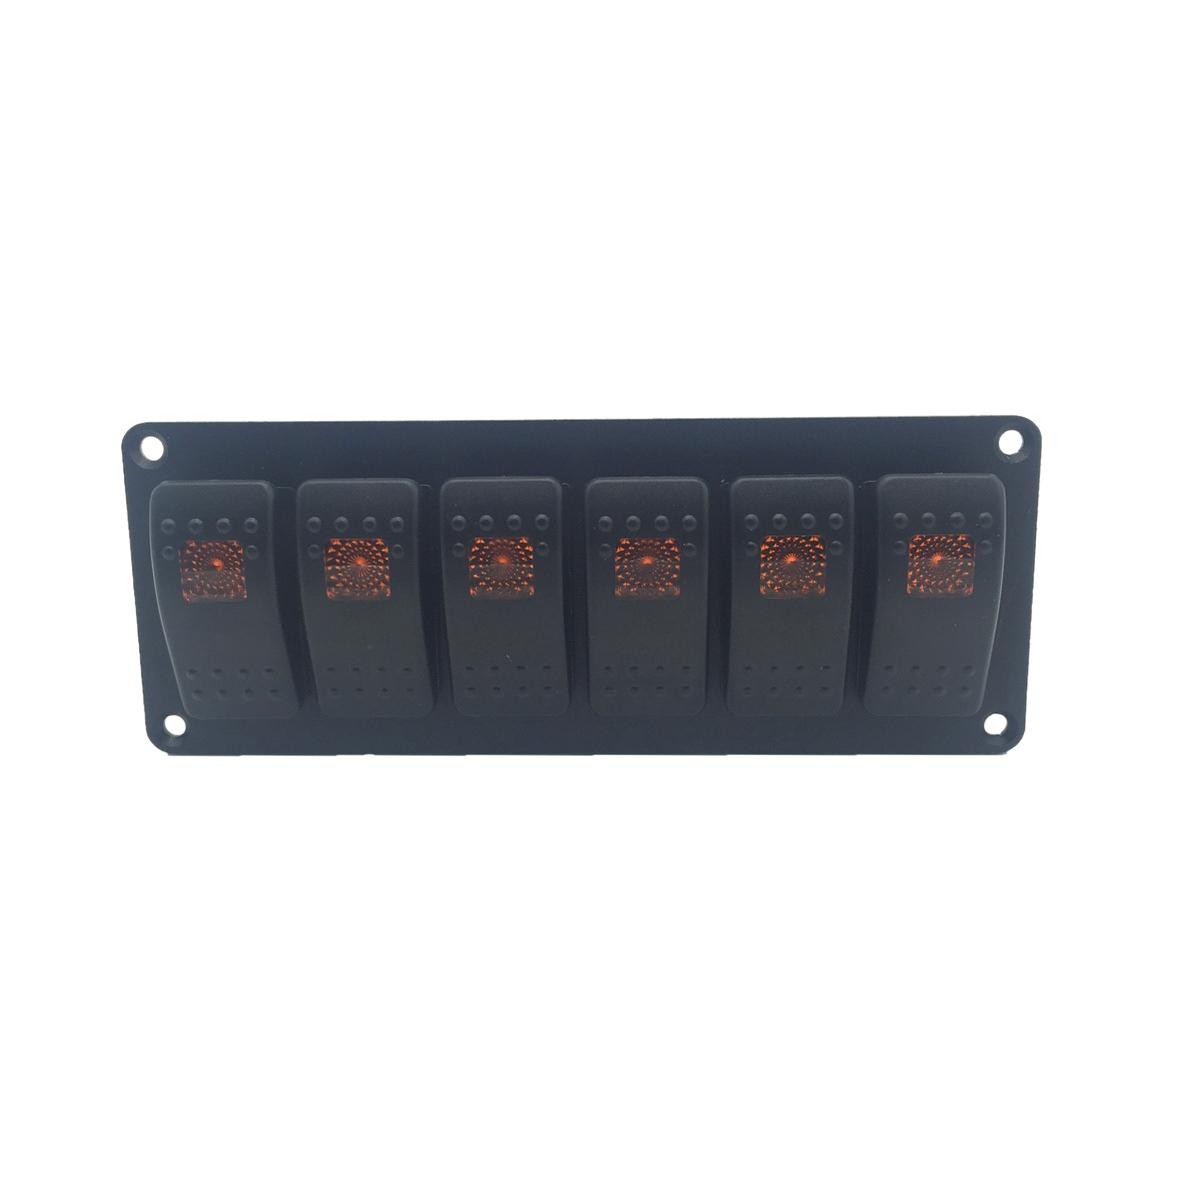 [해외]12V 24V 6 GANG 주황색 LED 라이트 자동차 로커 스위치 조합 알로이 스위치 패널 자동차 RV 용 요트 마린 보트 트럭 액세서리/12V 24V 6 GANG Orange LED light Car Rocker Switch Combination Alloy